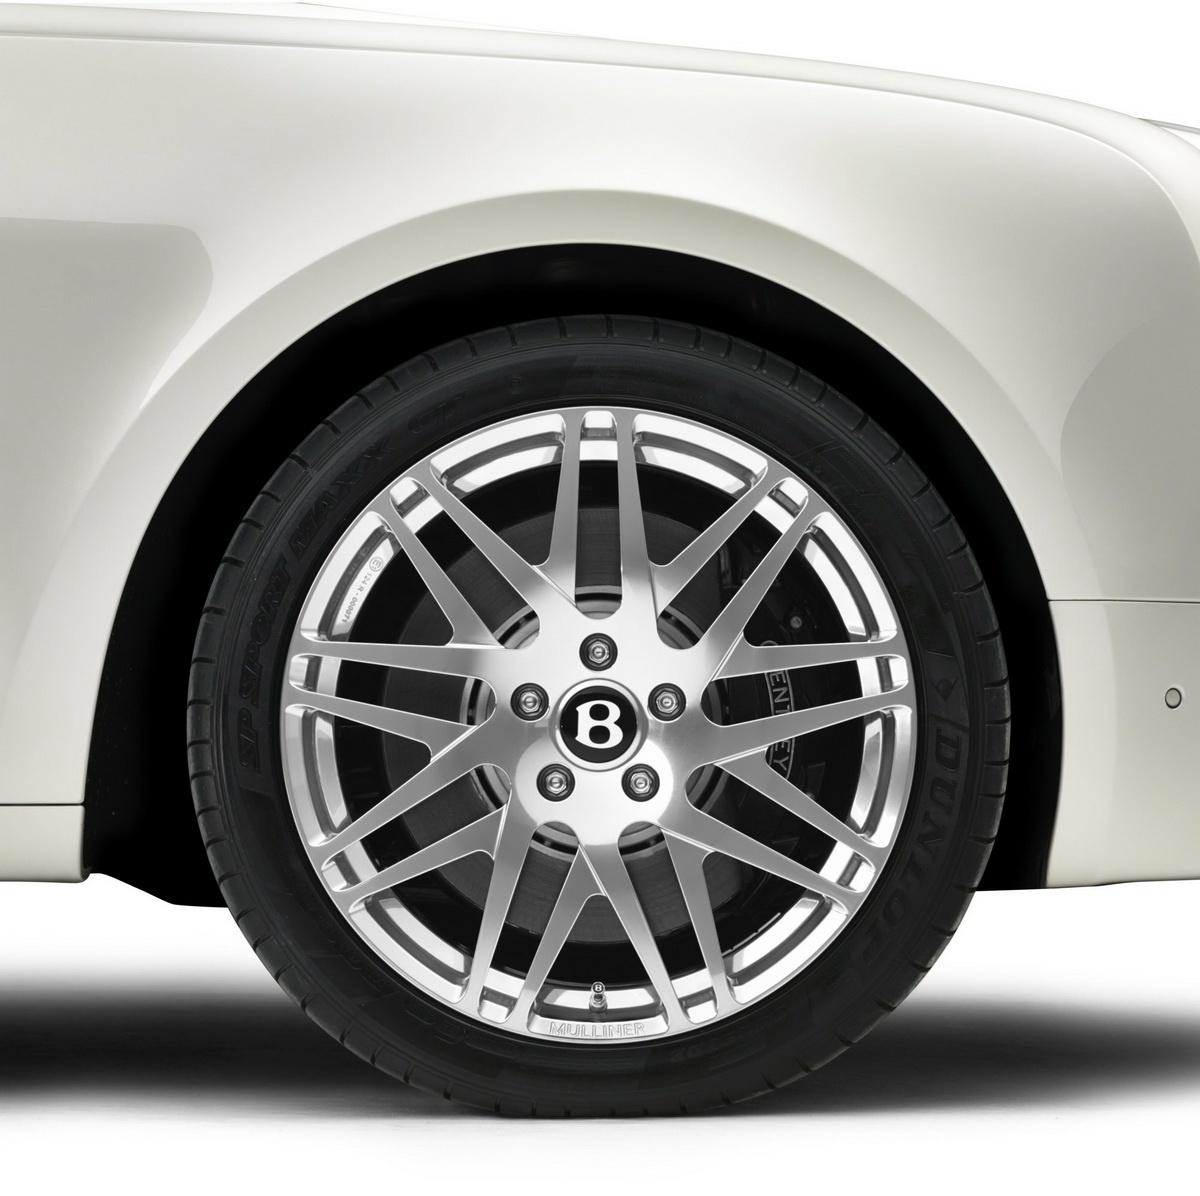 مولزان بیرکین، منحصربهفردترین خودروی بنتلی